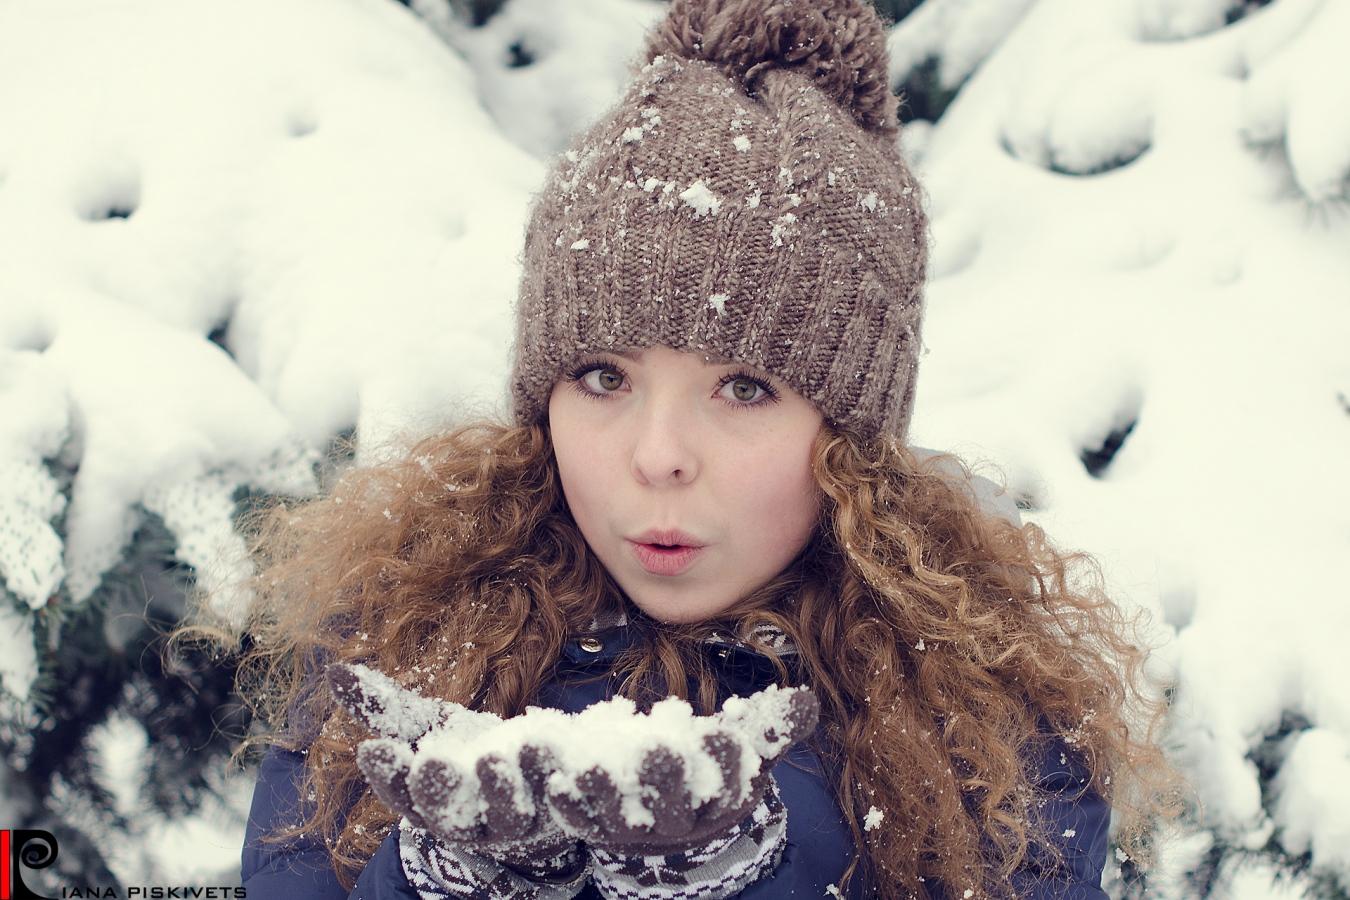 Śnieżna zima i piękna Marina!